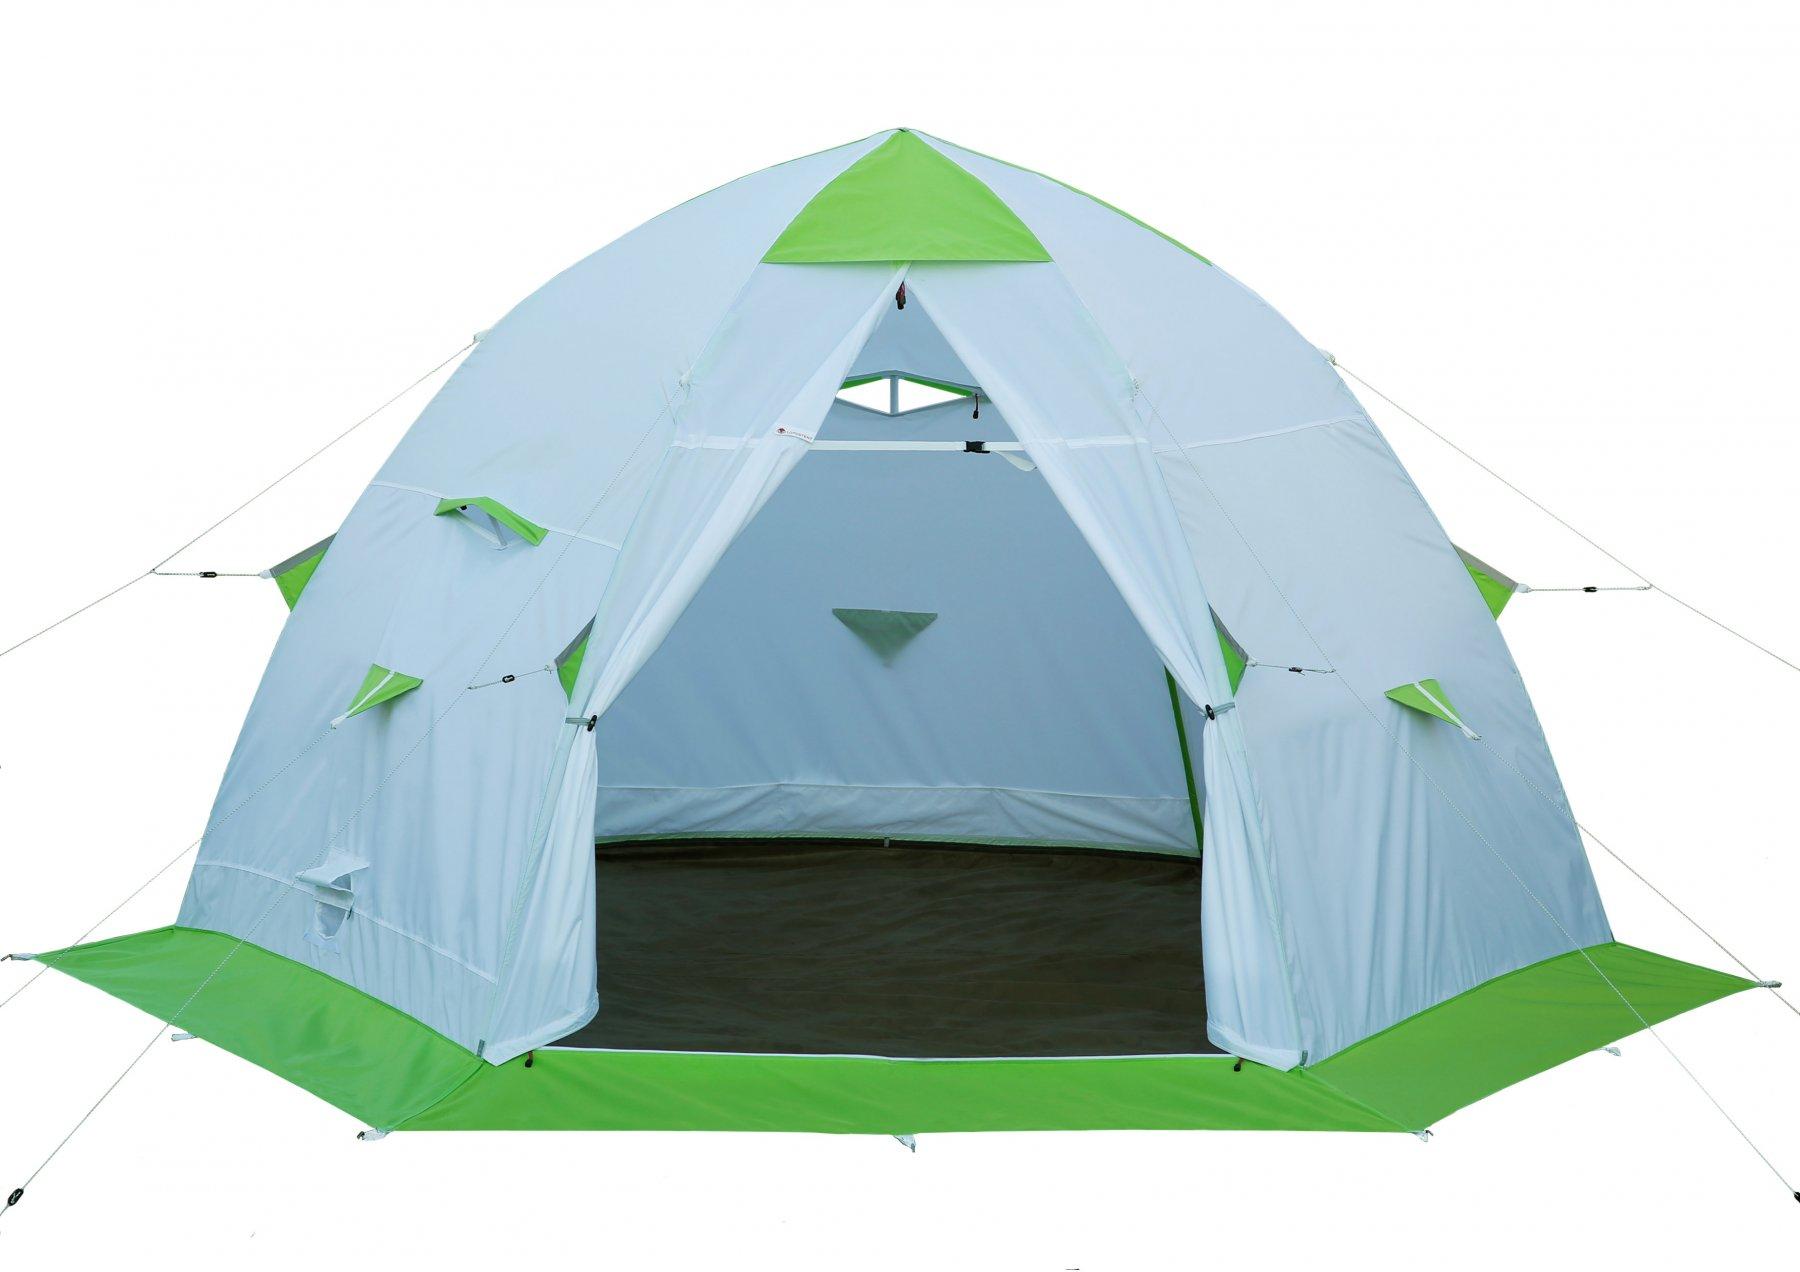 Зимняя палатка Лотос 5 (пол ПУ4000) укомплектована каркасом Л5-А12 (труба, алюминиевый сплав 12 мм), системой крепления пола и съемным влагозащитным полом ПУ4000. (+ Дарим комплект ввертышей для палаки.)